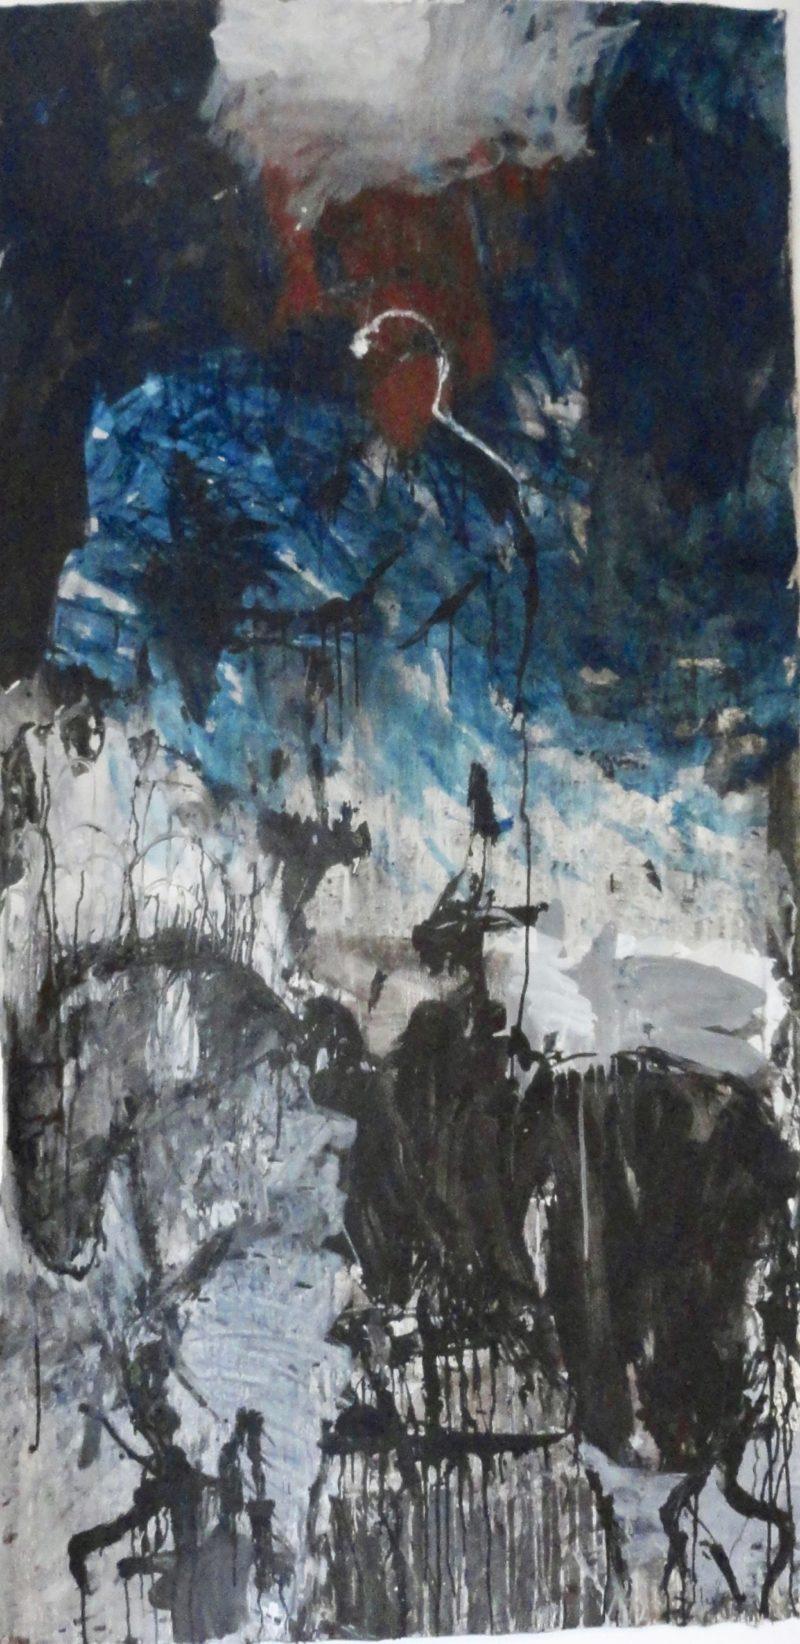 peinture contemporaine de patrick loste artiste peintre francais disponible dans la galerie en ligne